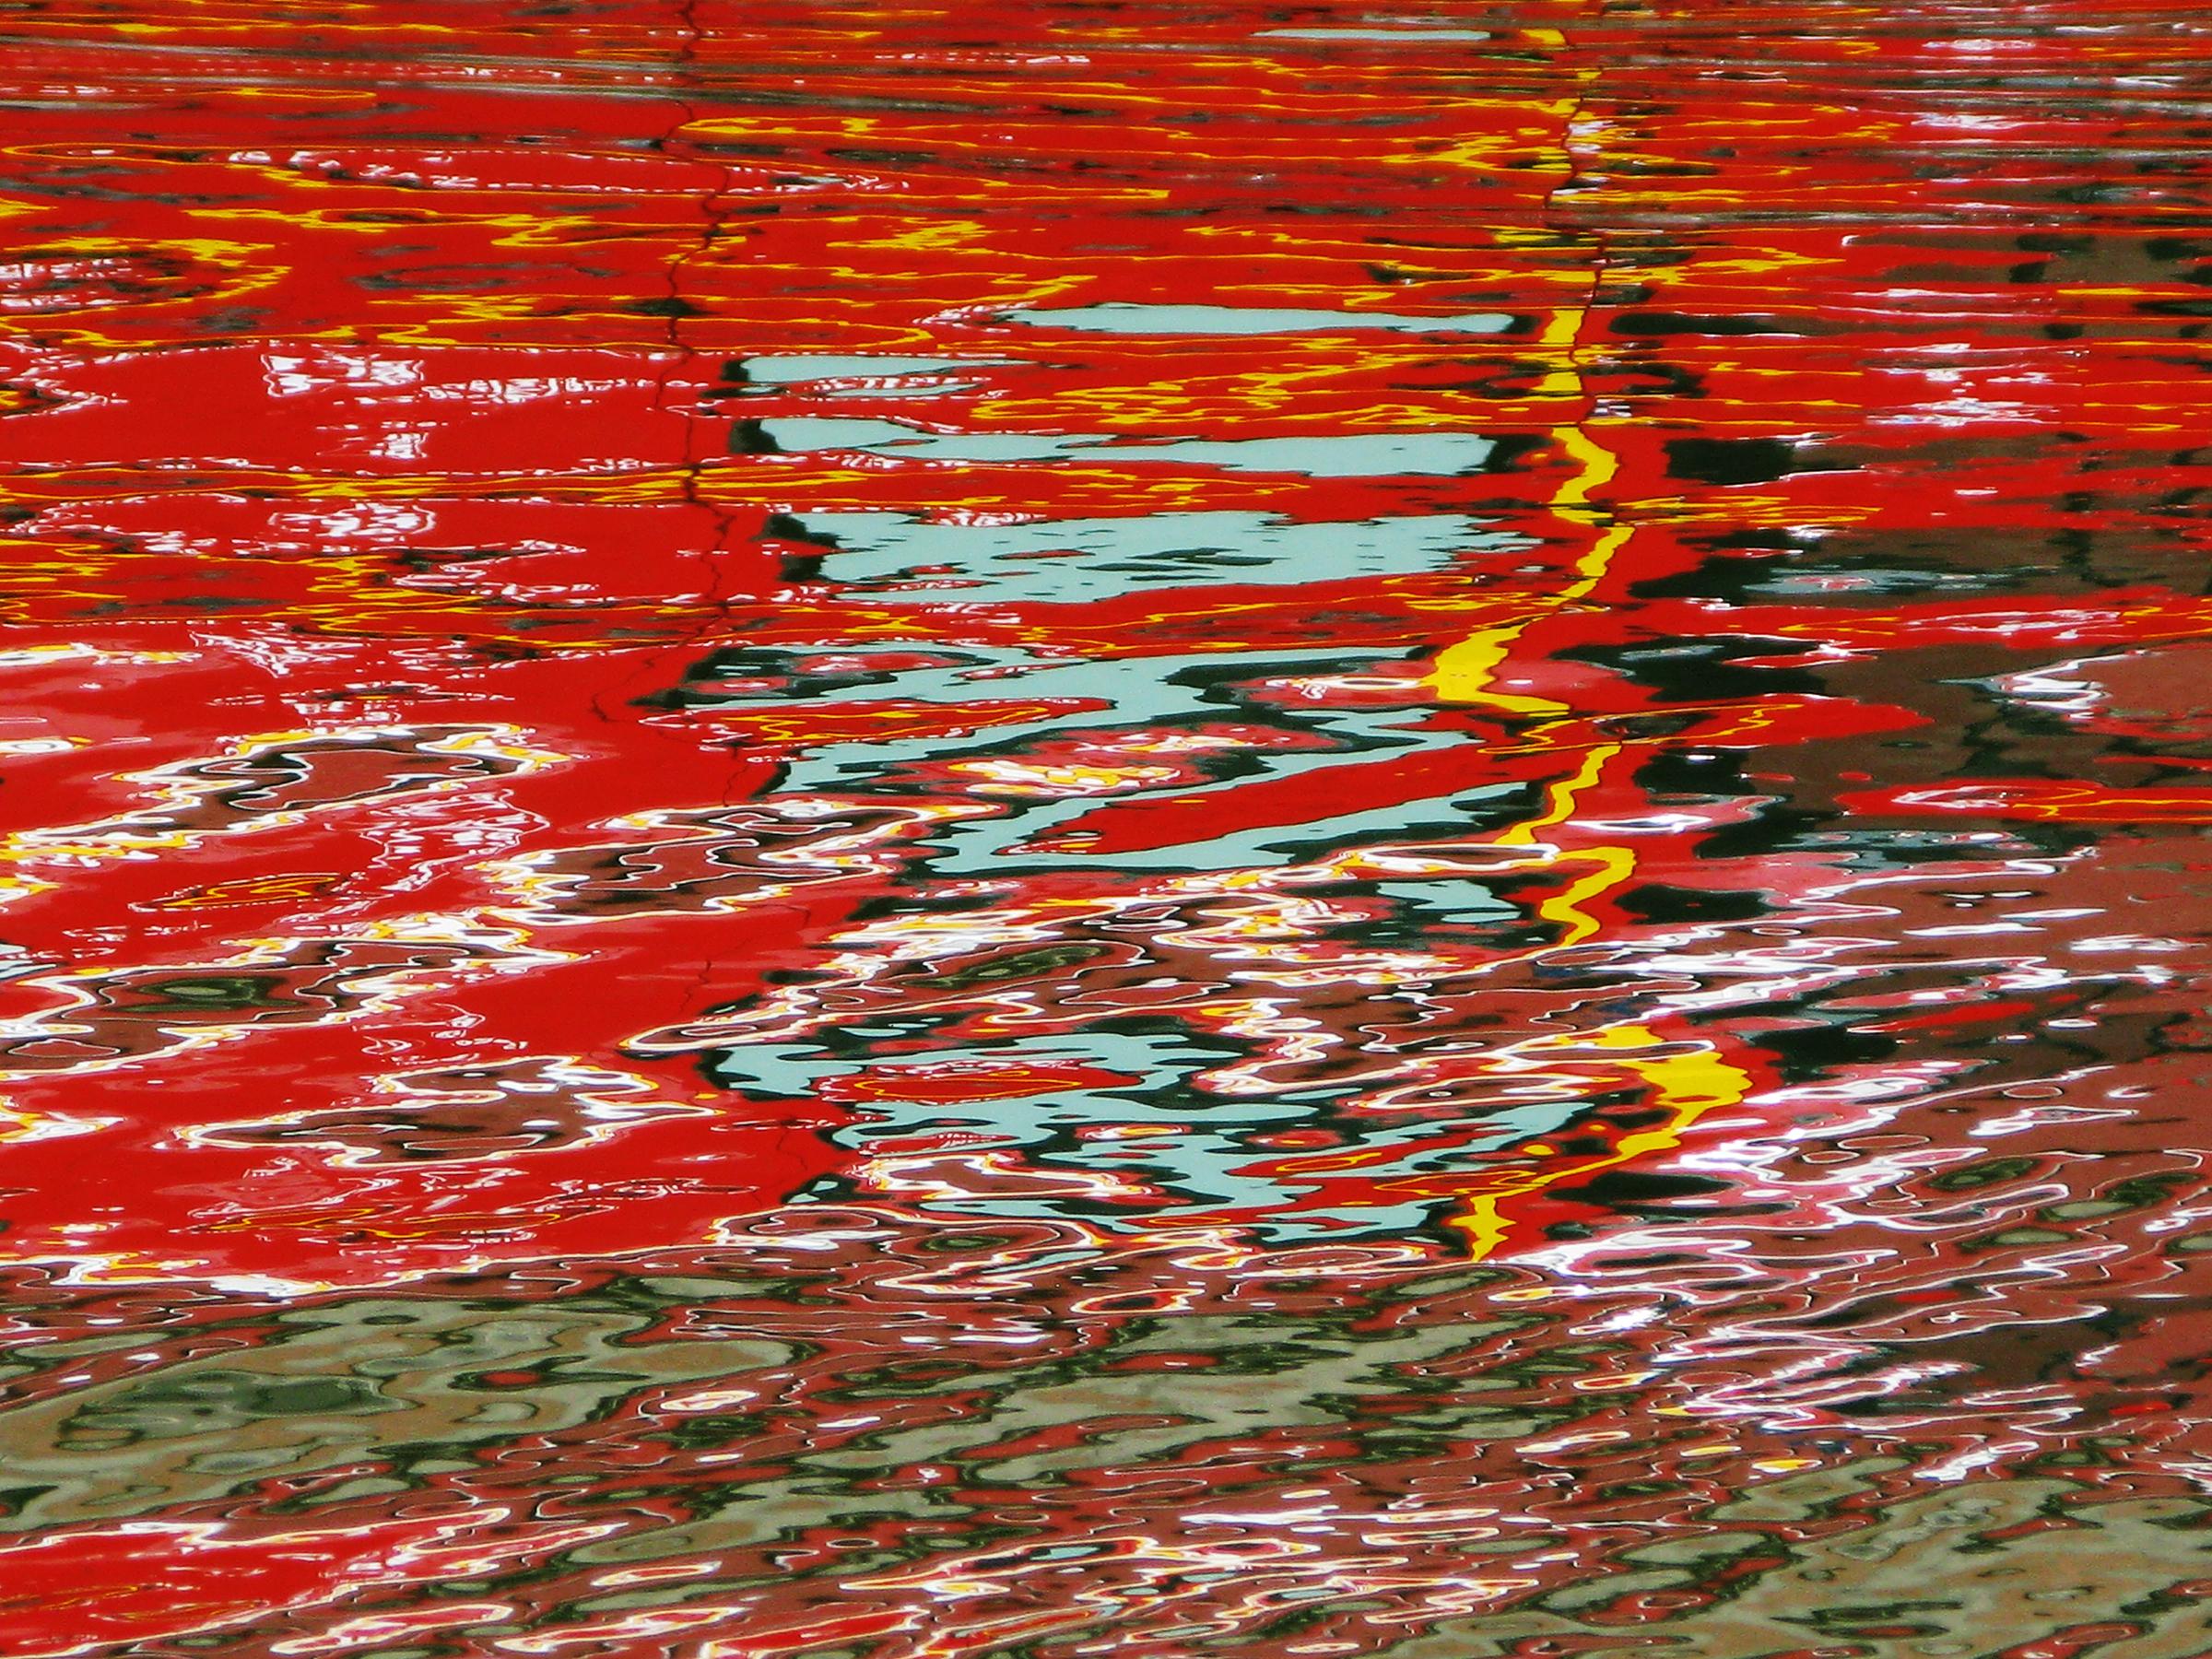 Firetruck_reflection_1_Canal_St_Martin_Paris_copy